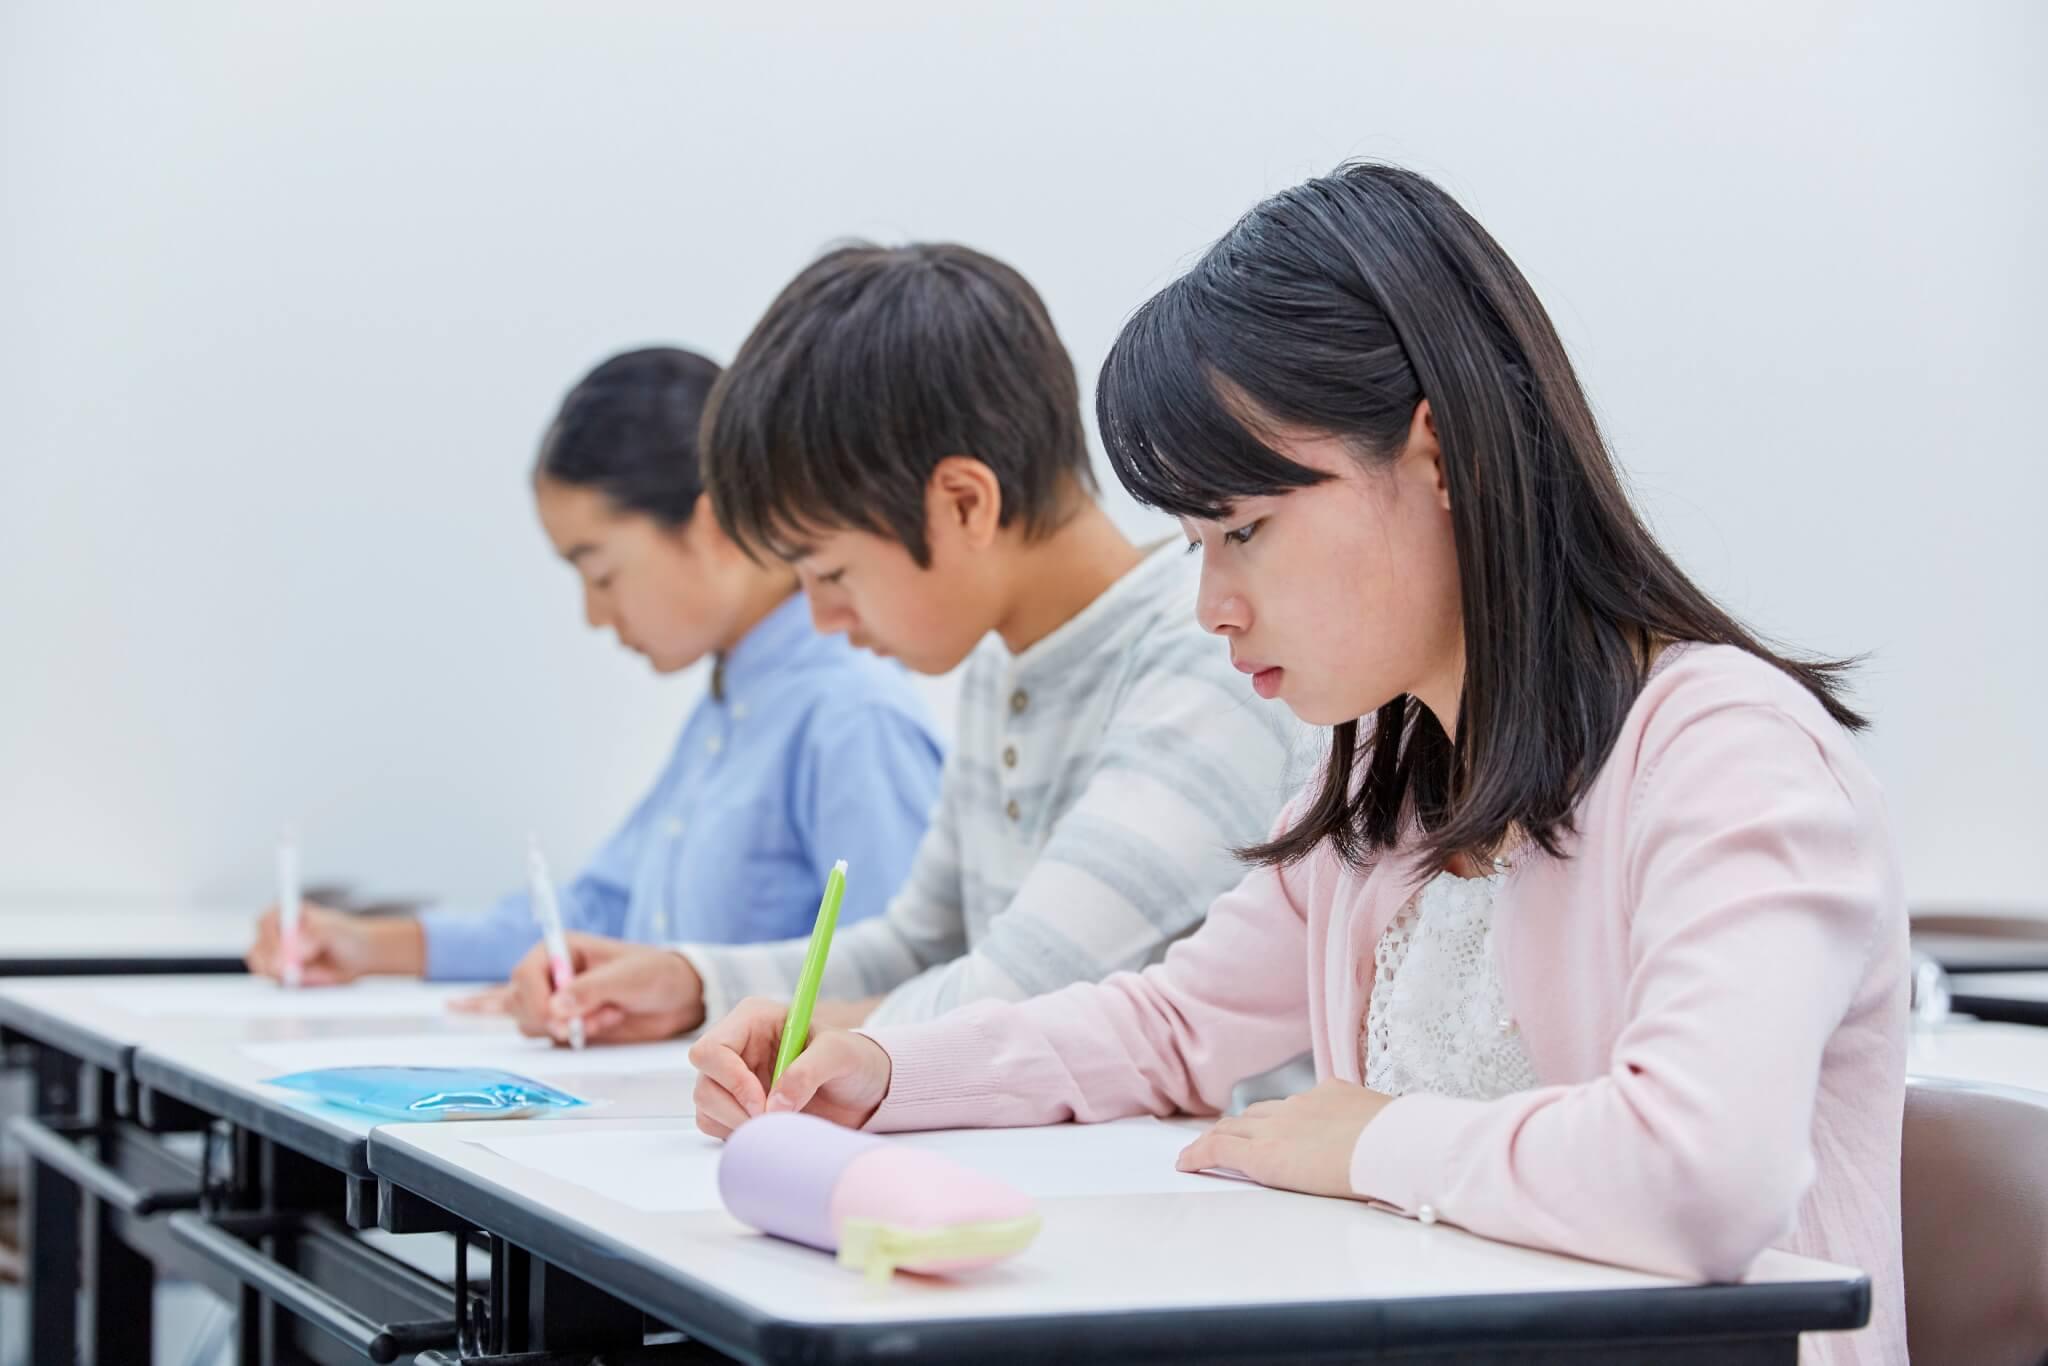 【中高一貫中学生対象】夏の無料学力診断テスト・入会説明会|Z会東大進学教室